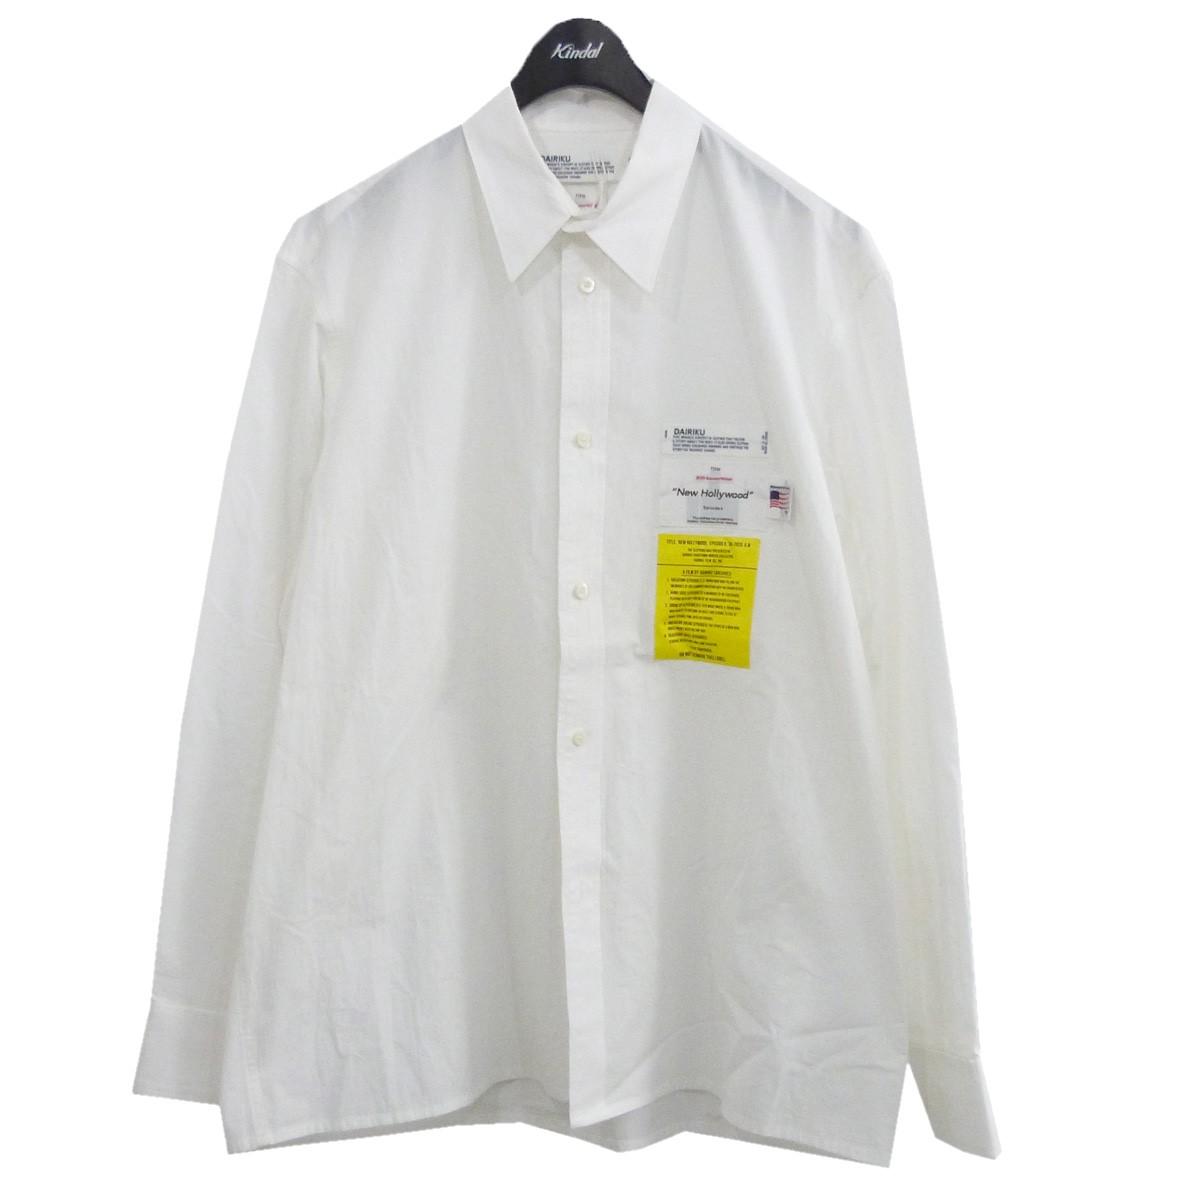 ダイリク 中古 DAIRIKU 20AW 買い物 格安SALEスタート Millspec Dress ミルスペックドレスシャツ ホワイト 291220 サイズ:M Shirt